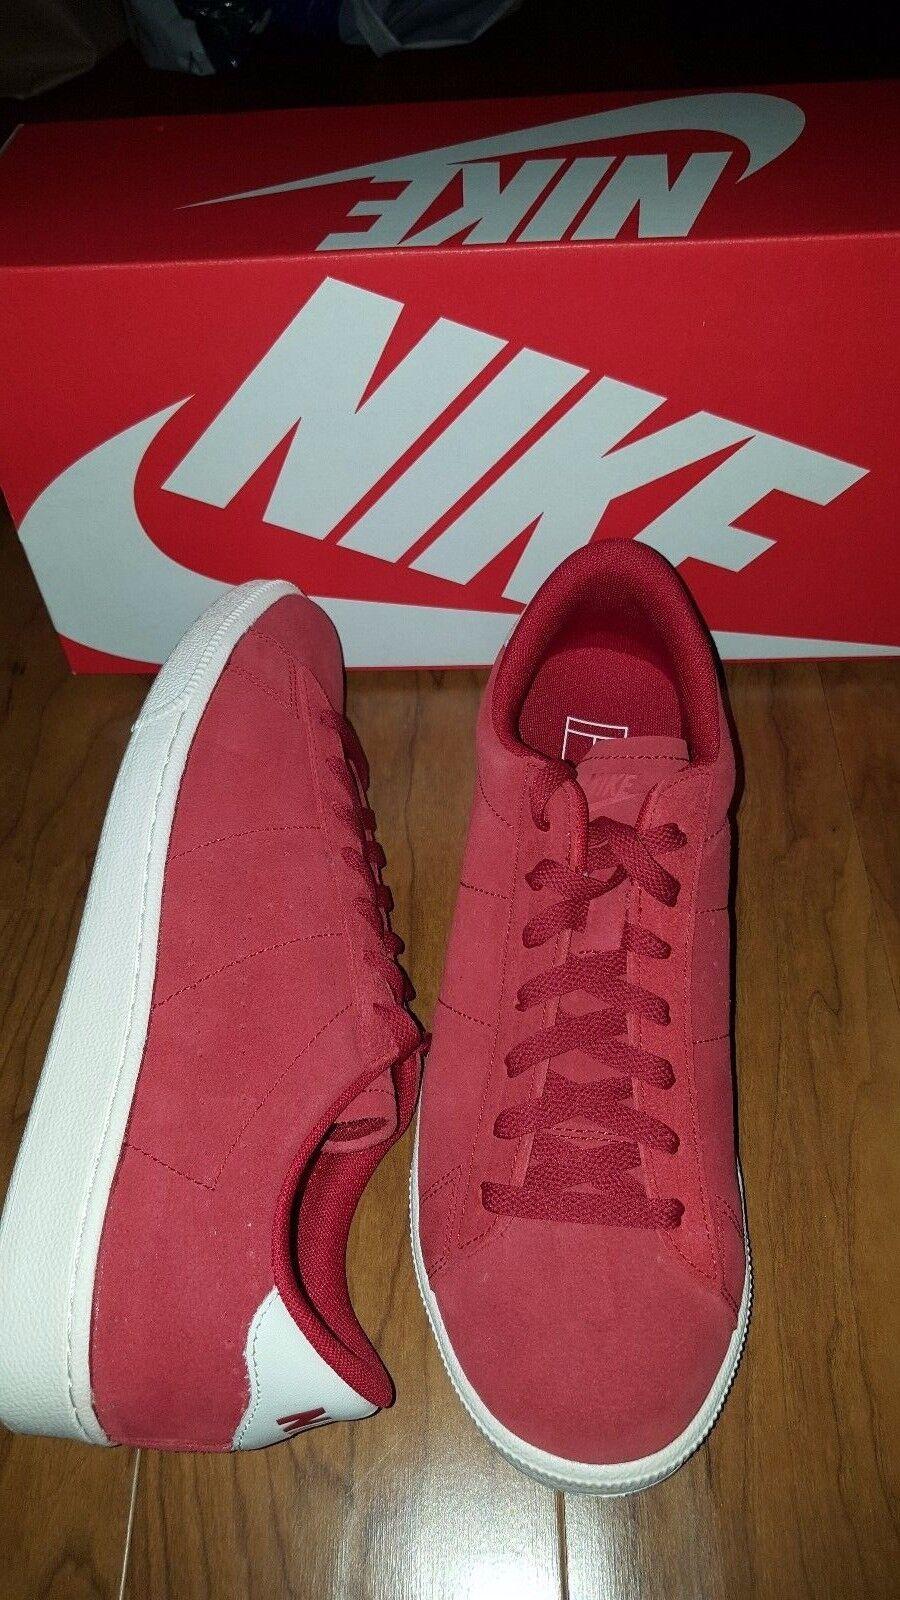 NIKE Rojo Tenis Clásico CS Gamuza Rojo NIKE Marfil 829351 Para hombre Zapatos  EE. UU. 9.5 Nuevo Con Caja 5305e0